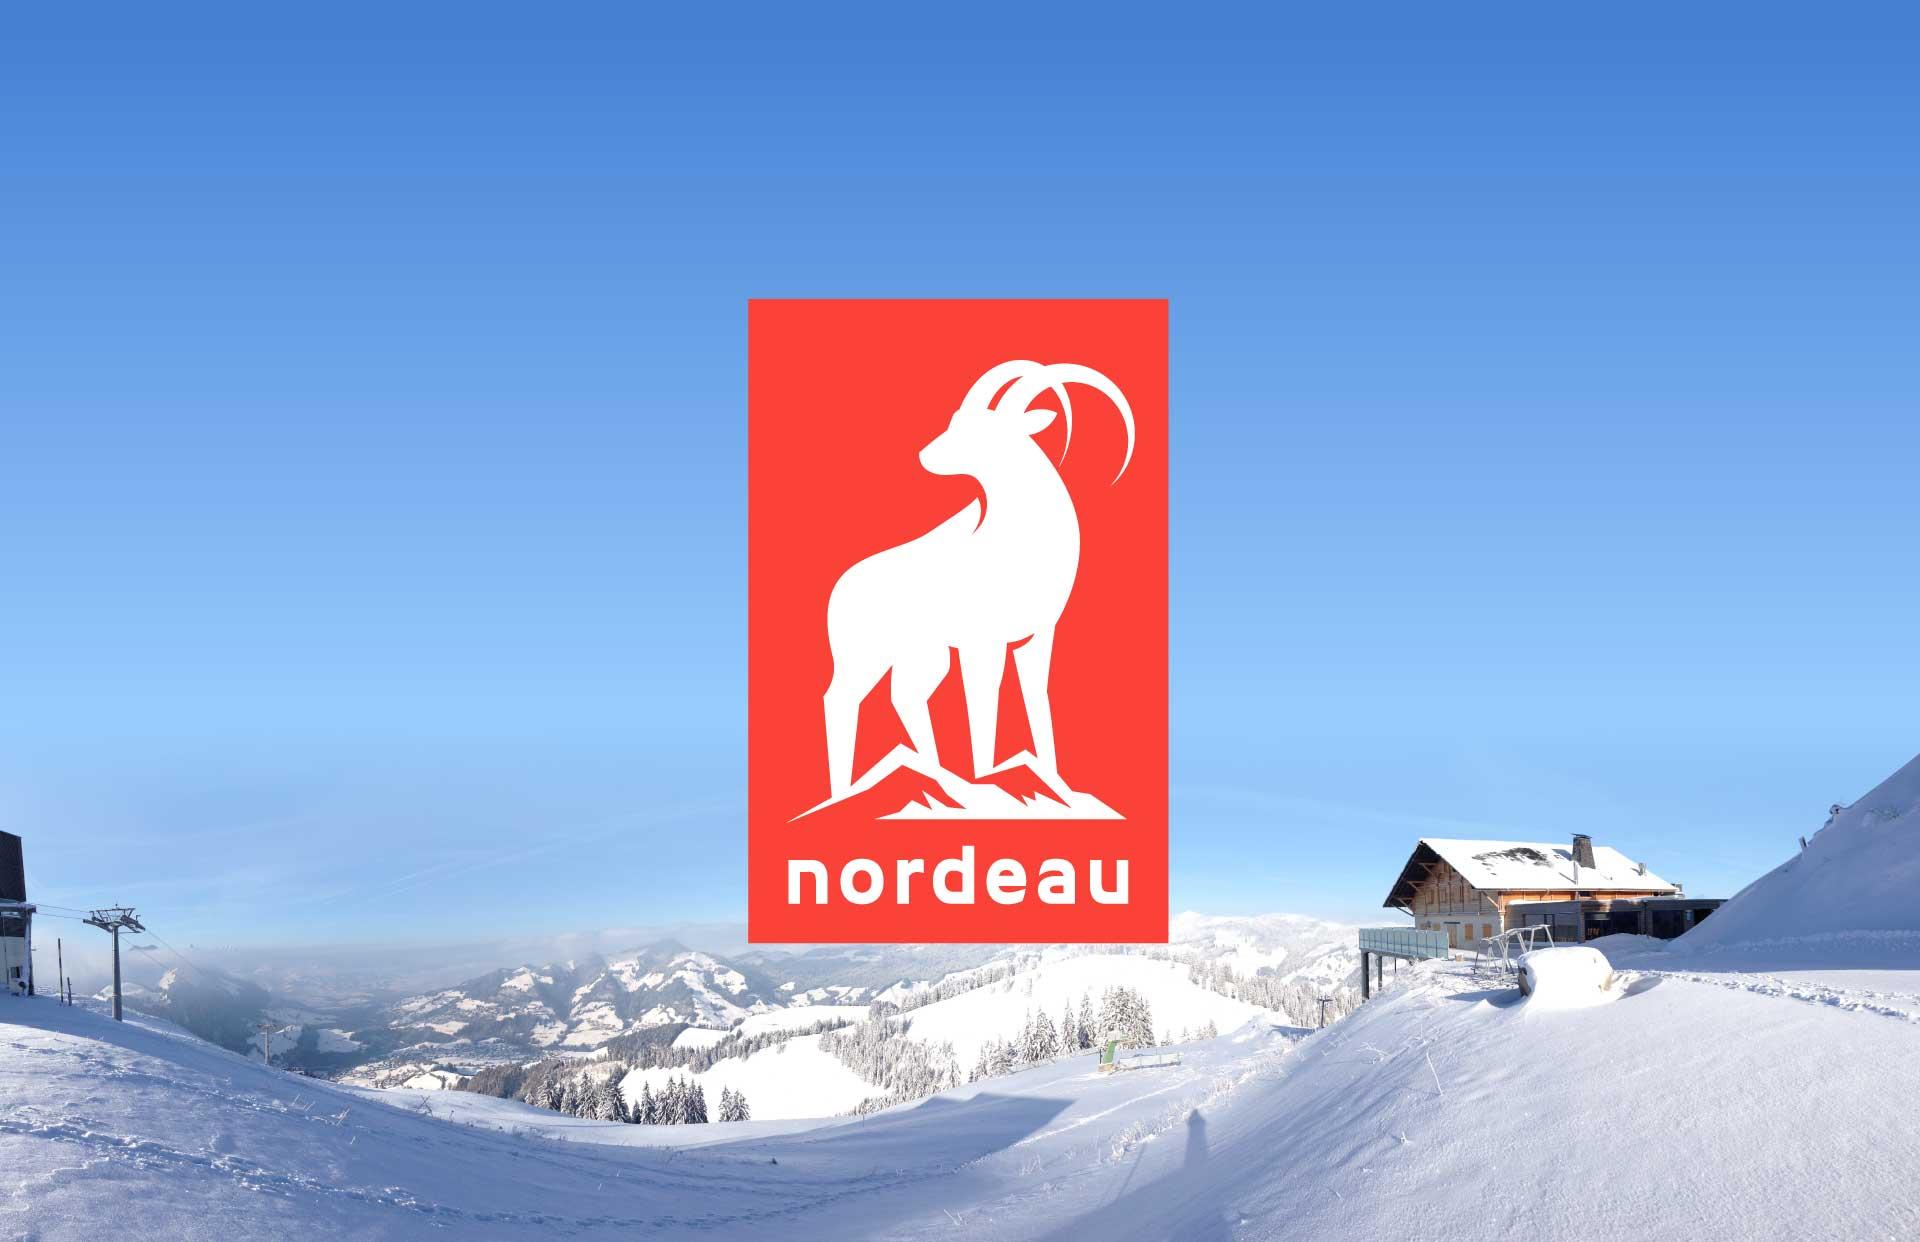 Nordeau logo.